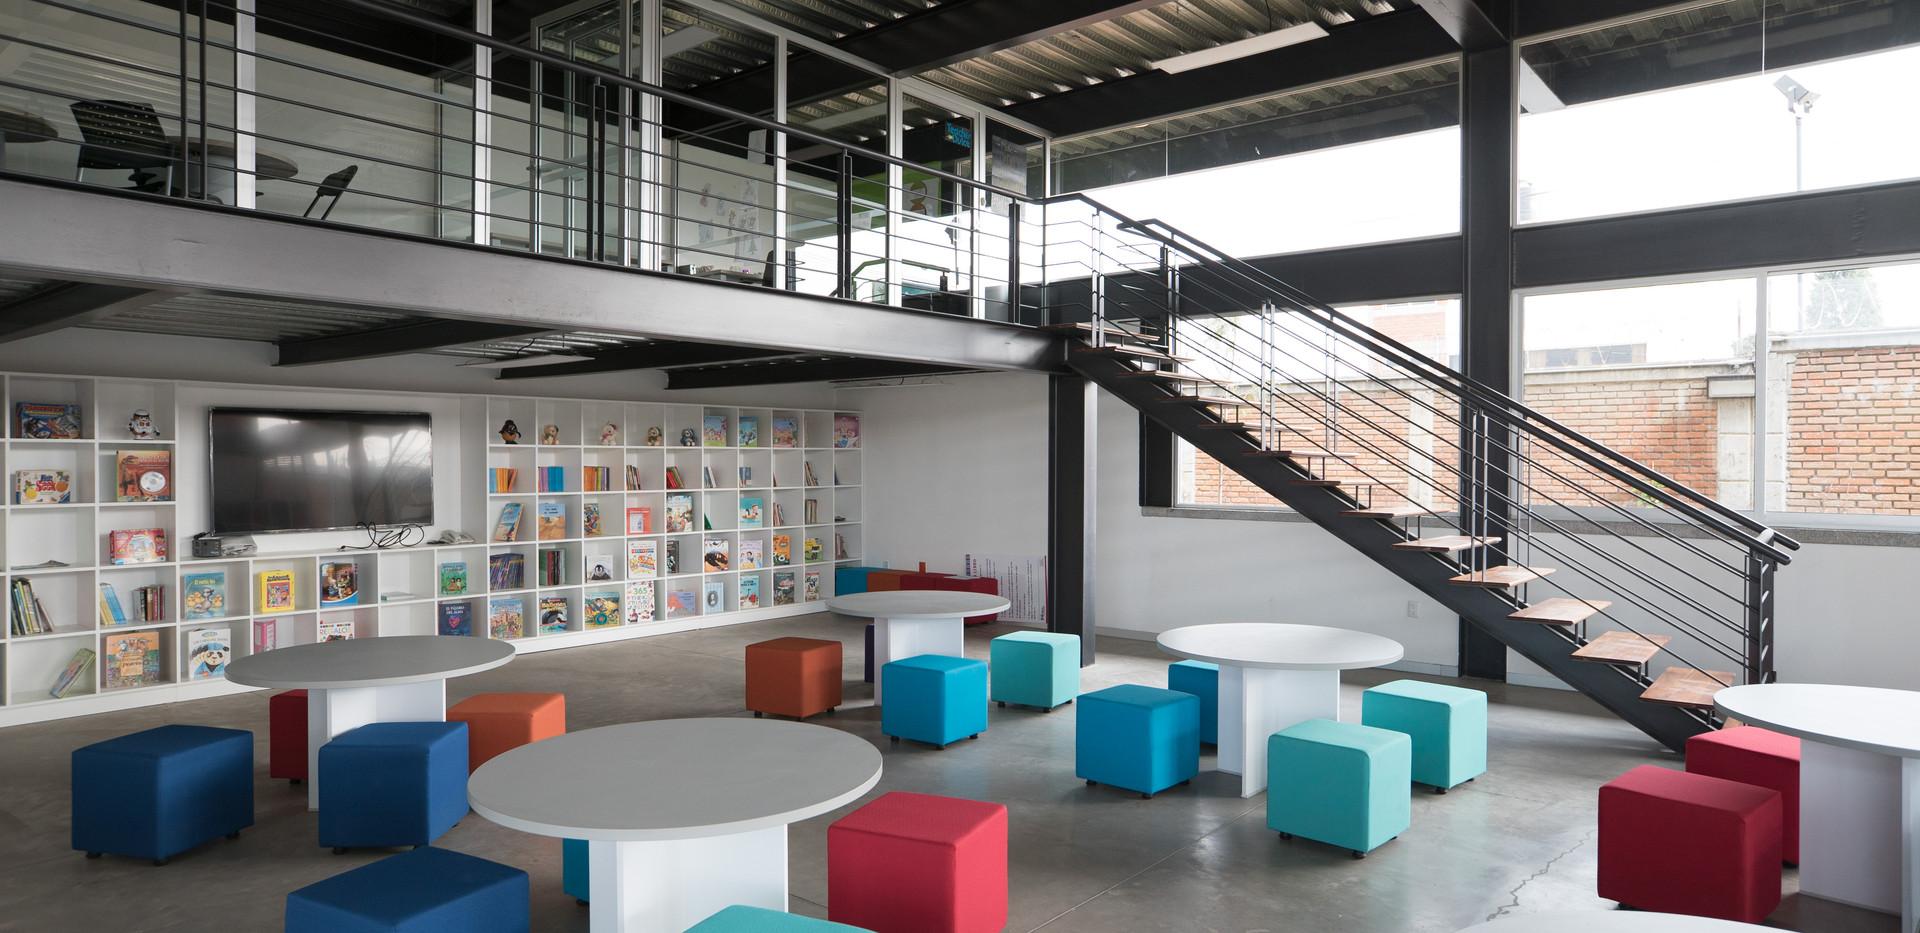 biblioteca-08370.jpg